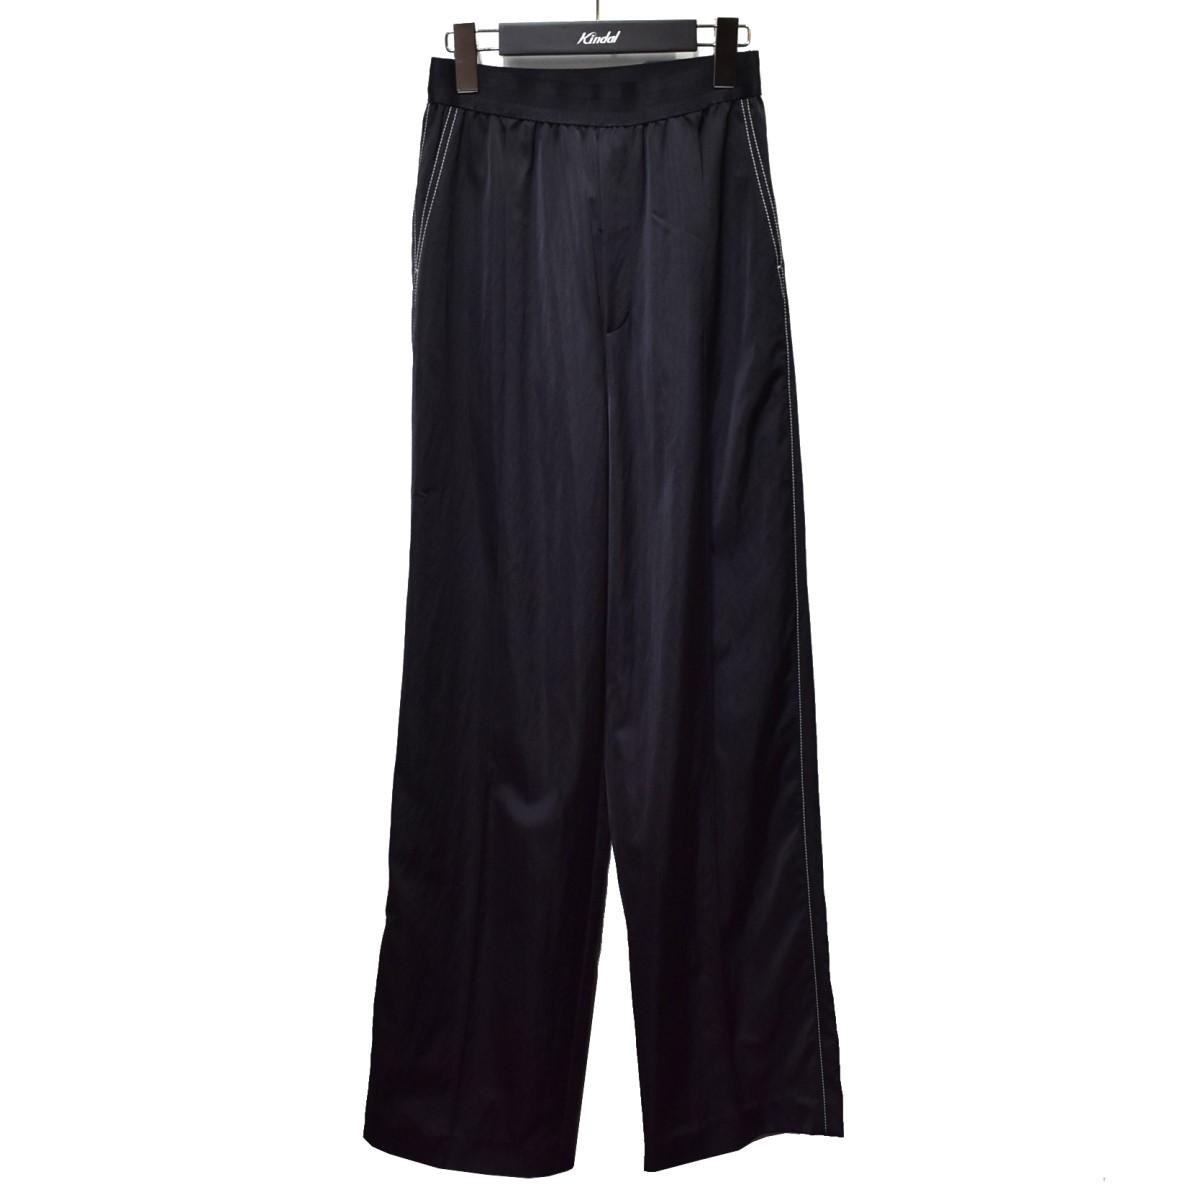 ルシェルブルー 中古 LE おしゃれ CIEL BLEU 21SS 定番スタイル Elastic ワイドパンツ ブラック サイズ:34 080821 Pants Waist